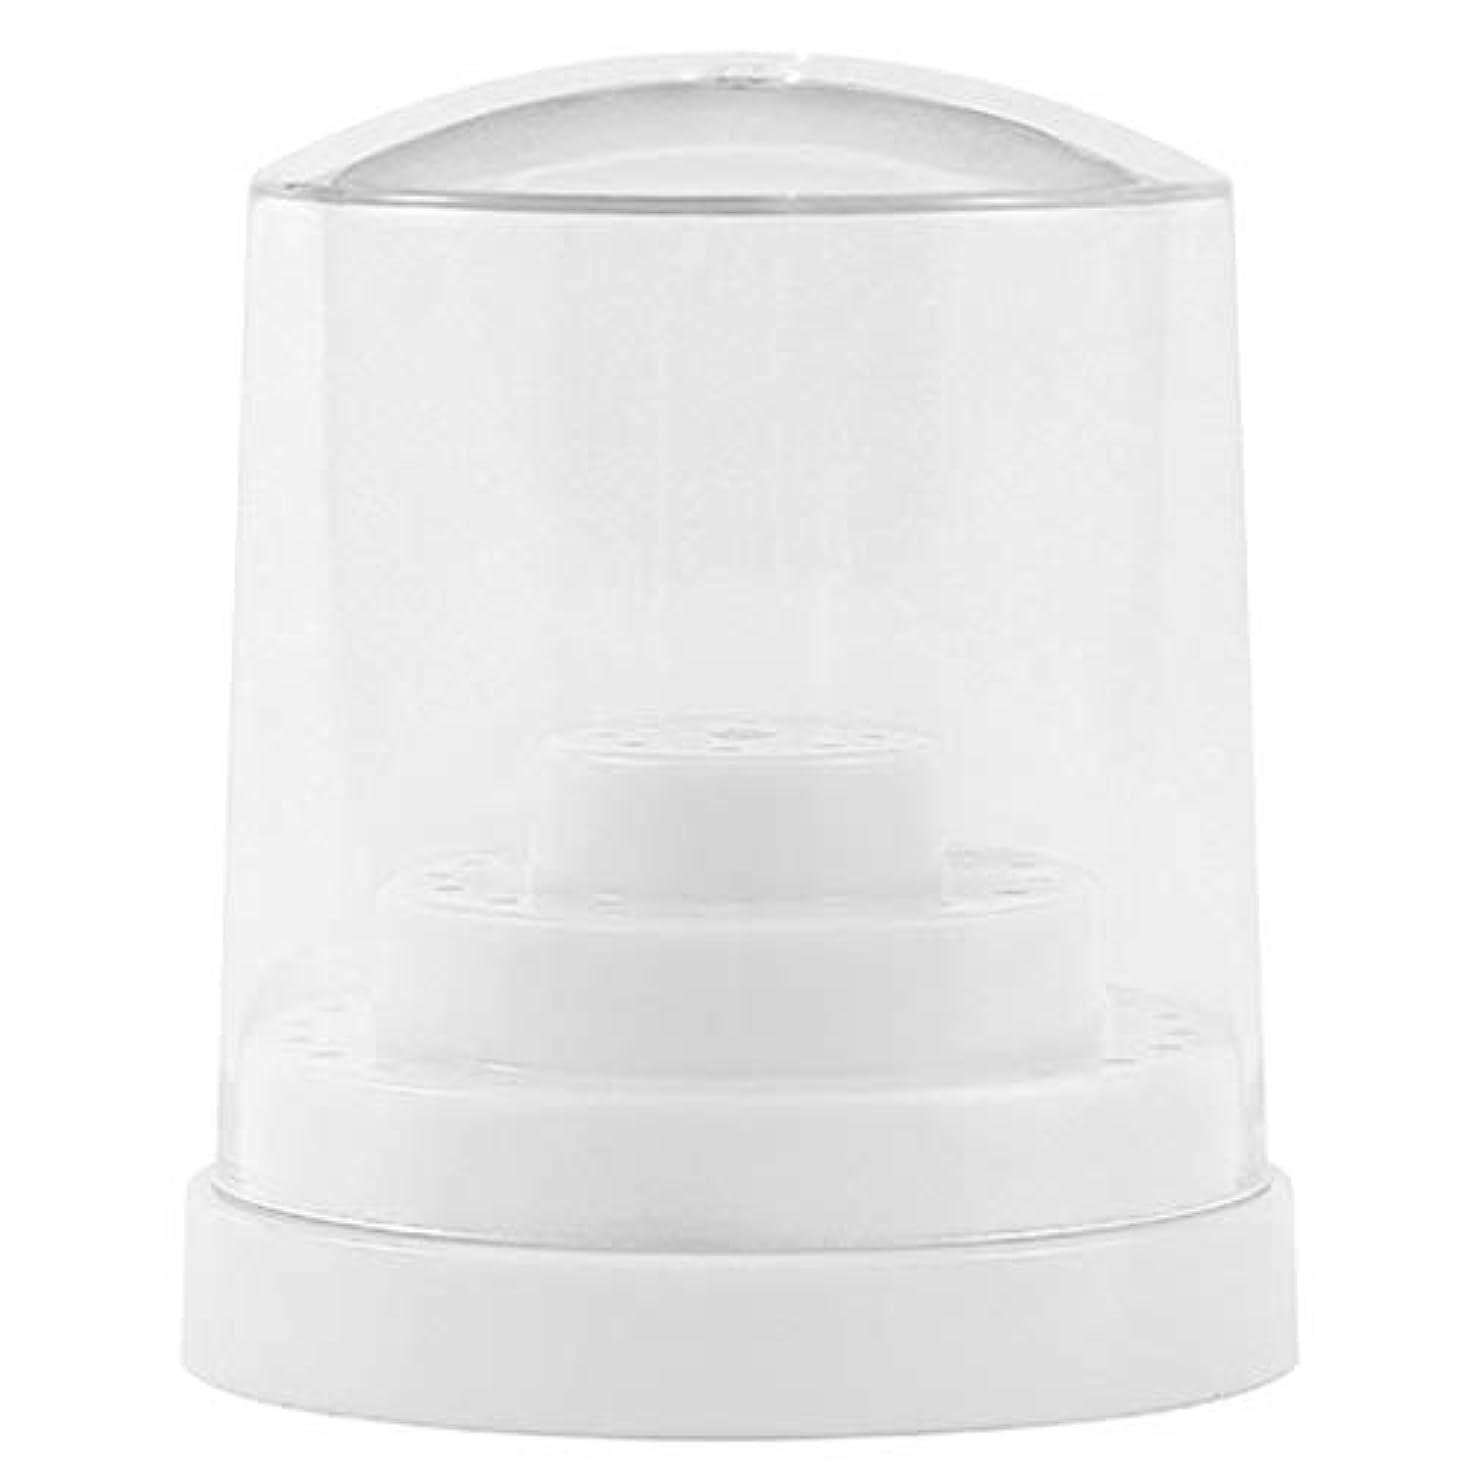 テクスチャー禁輸豊富なPerfeclan 三層48穴 ネイルドリルビットホルダー アクリル製 ネイルマシーン用ビットスタンド 防塵 全2色 - ホワイト